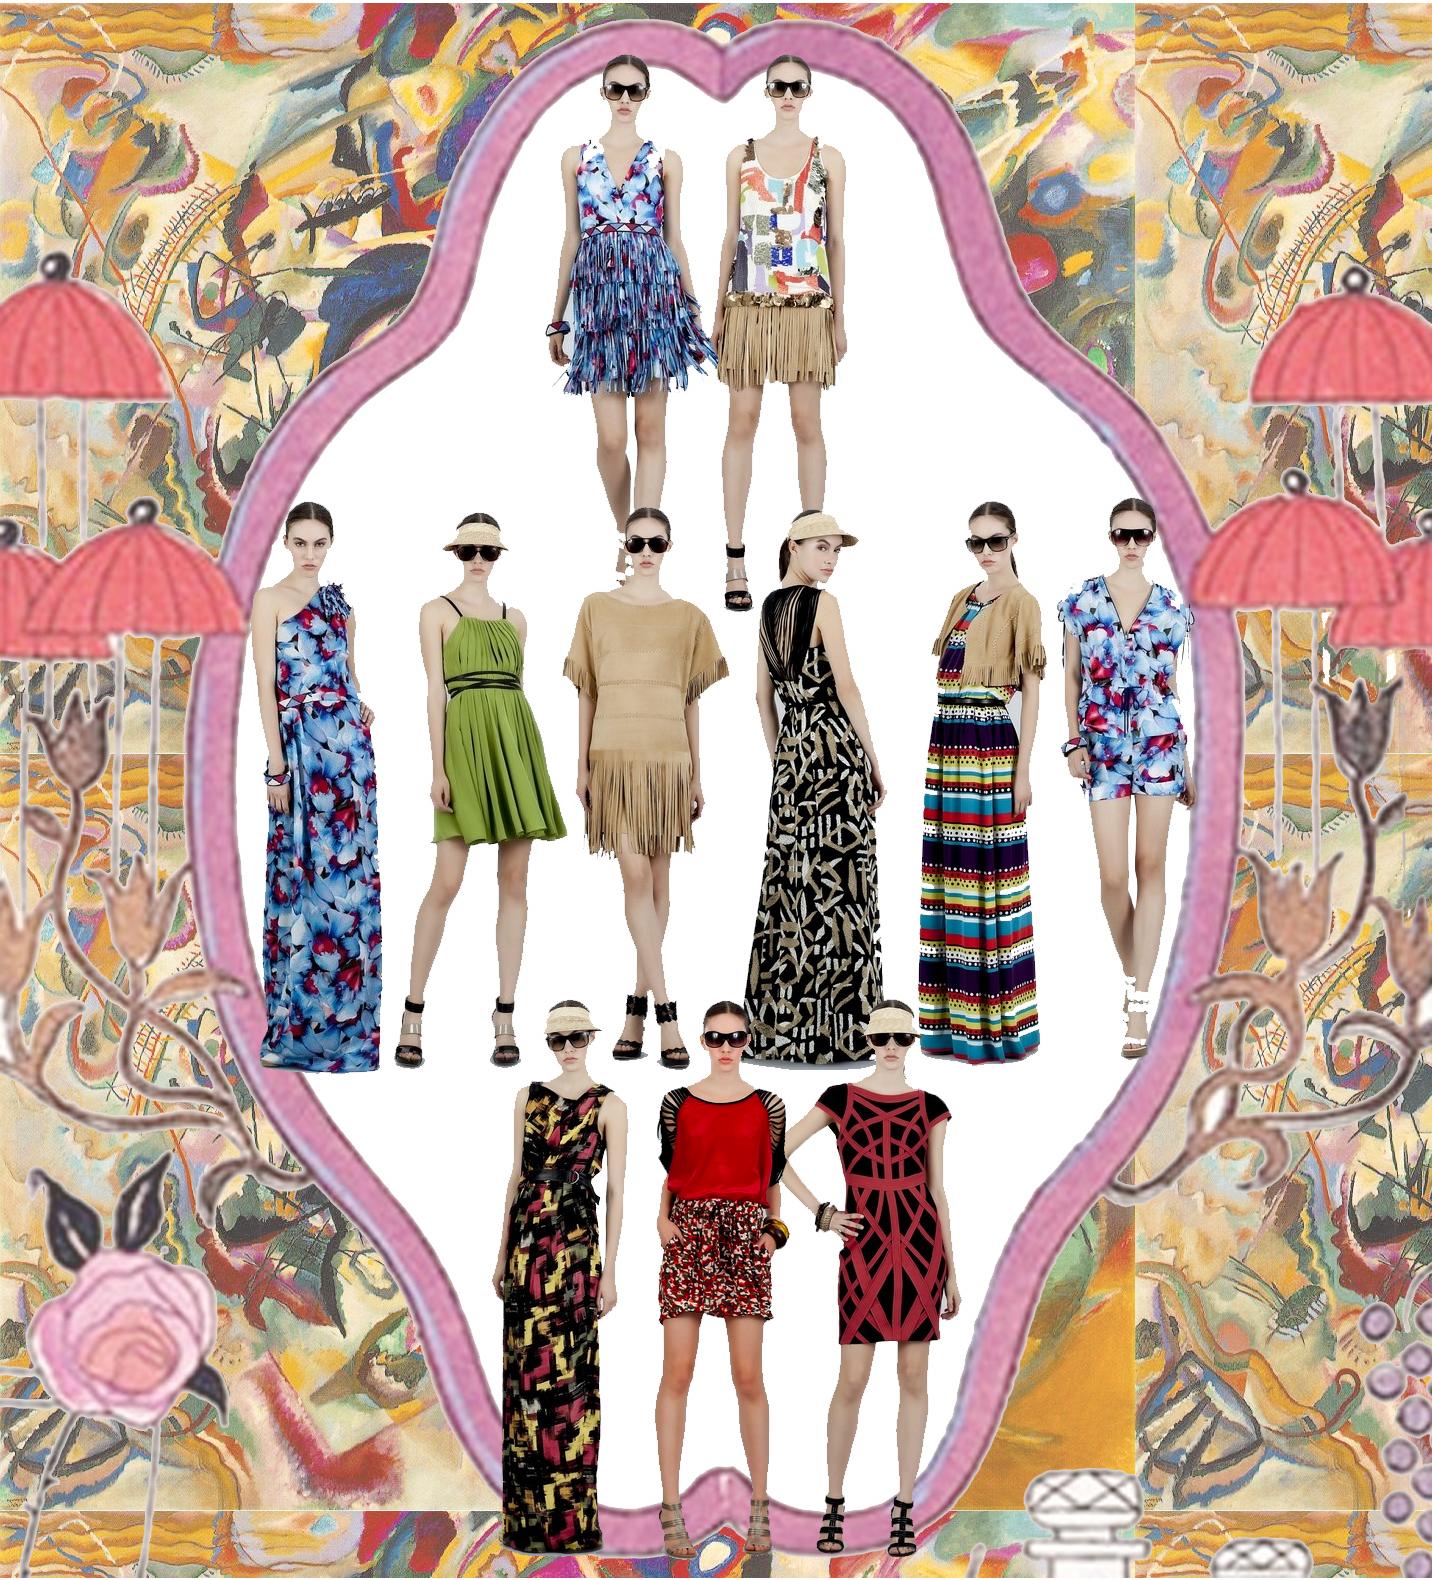 Art deco fashion new york xenia zoichi for Art deco trend